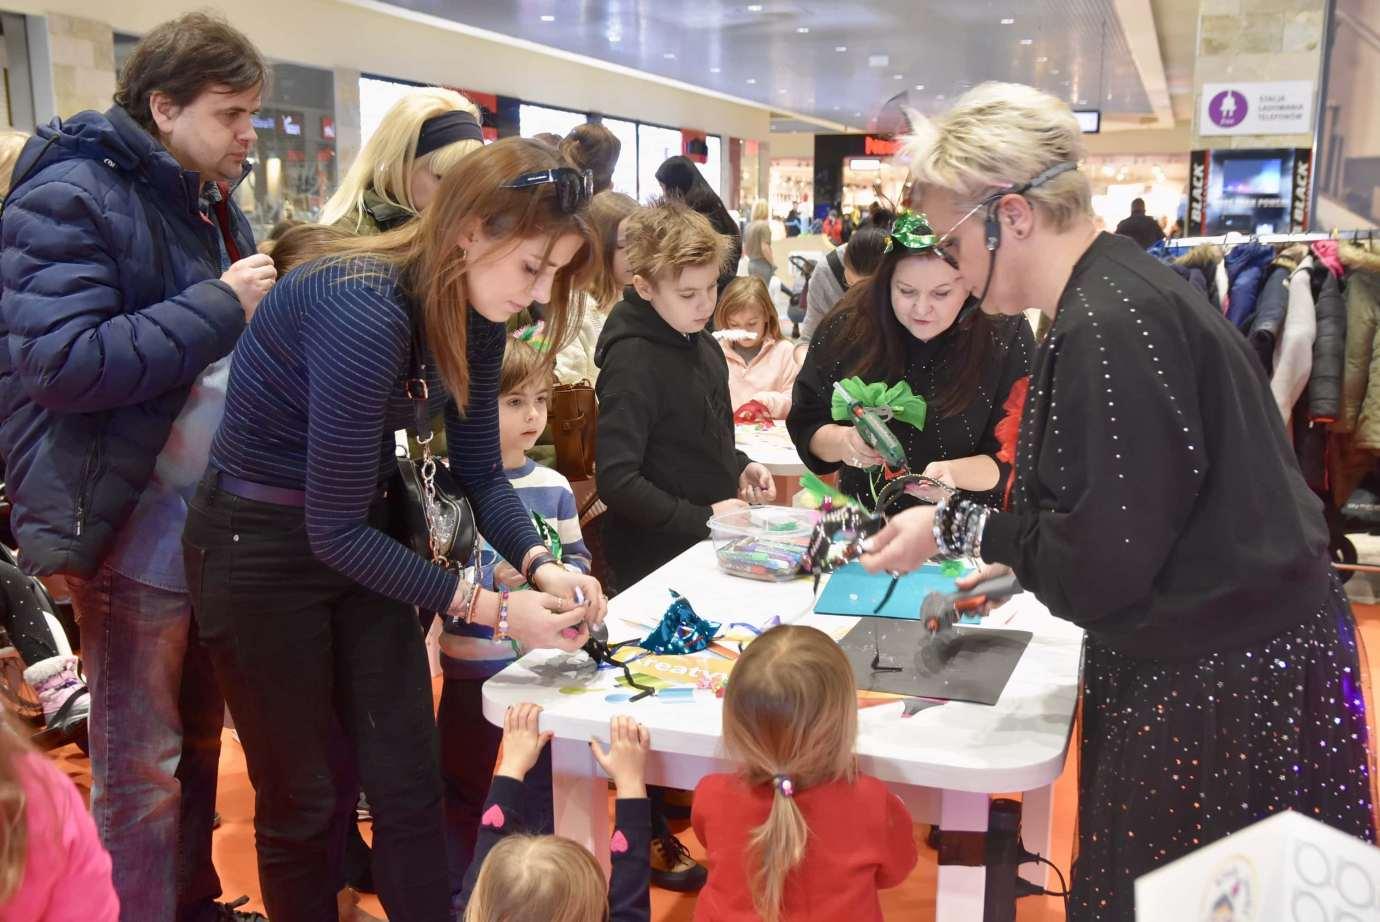 dsc 3951 Zabawa kreatywnych dzieciaków w Galerii Handlowej Twierdza (filmy i zdjęcia)